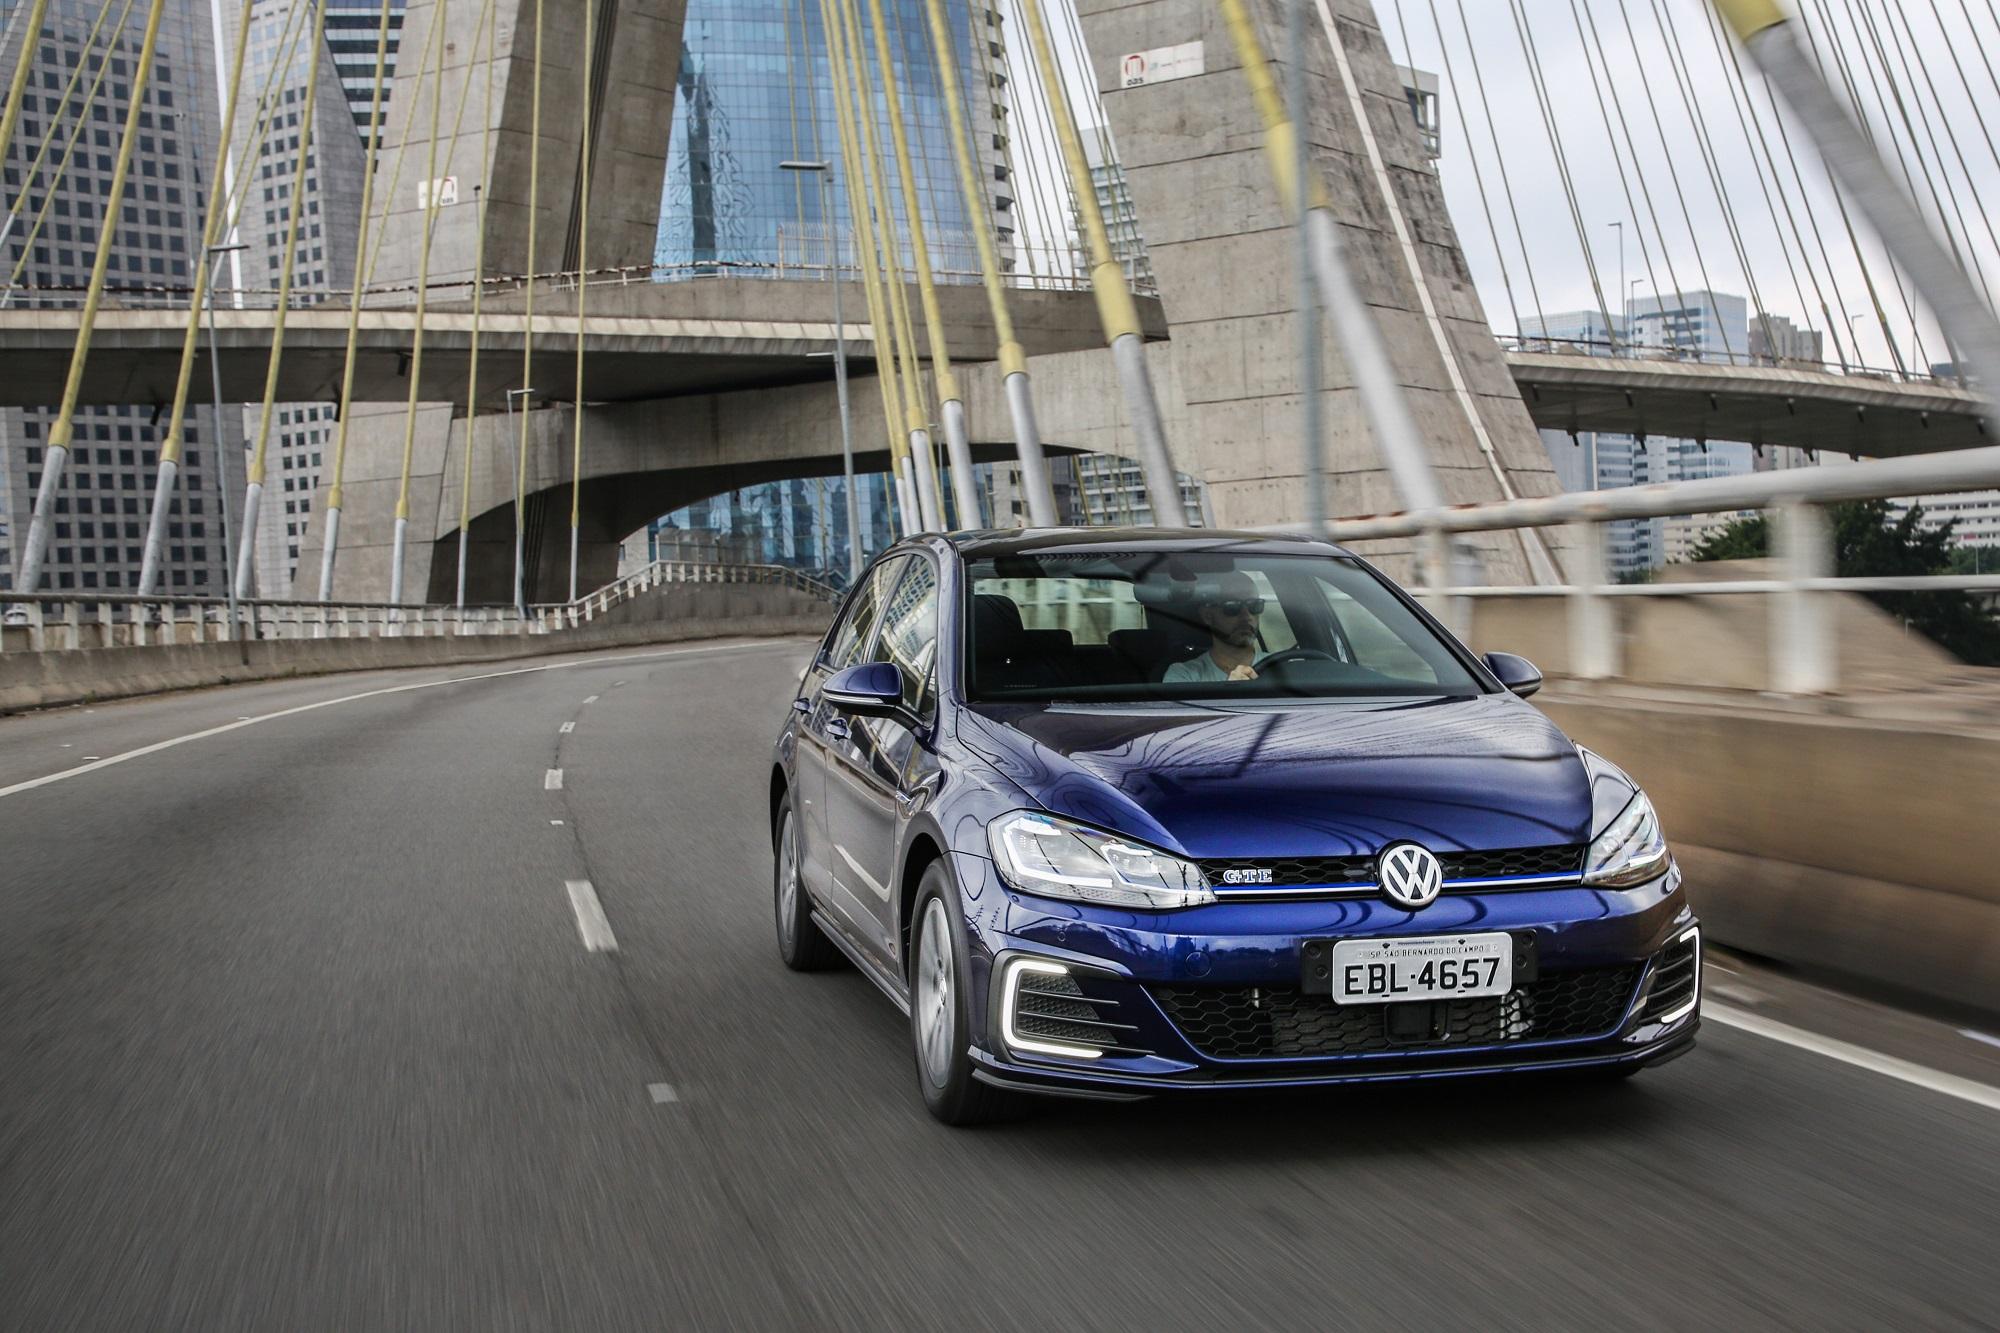 Volkswagen Golf Gte azul fazendo curva em uma ponte estaiada